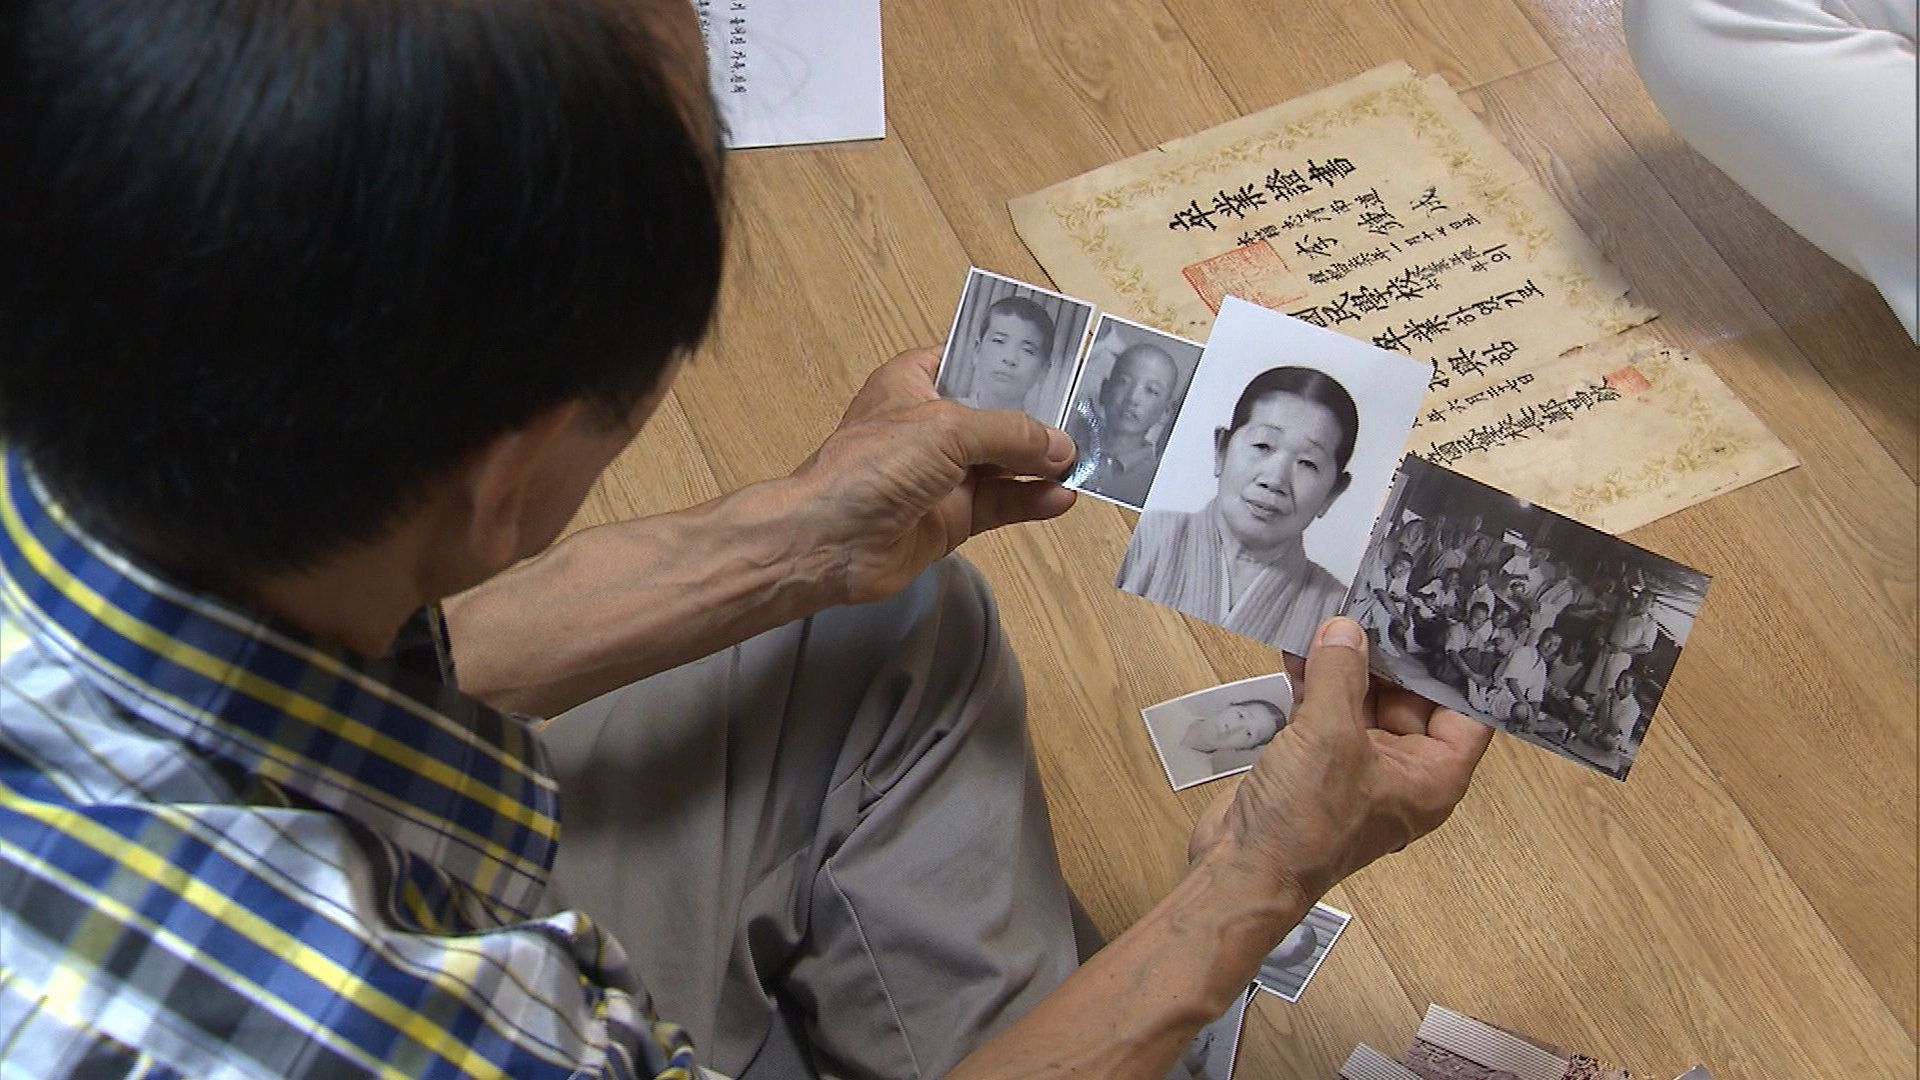 [이산가족 상봉 D-5] 68년 만에, '처음이자 마지막으로' 가족을 만나러